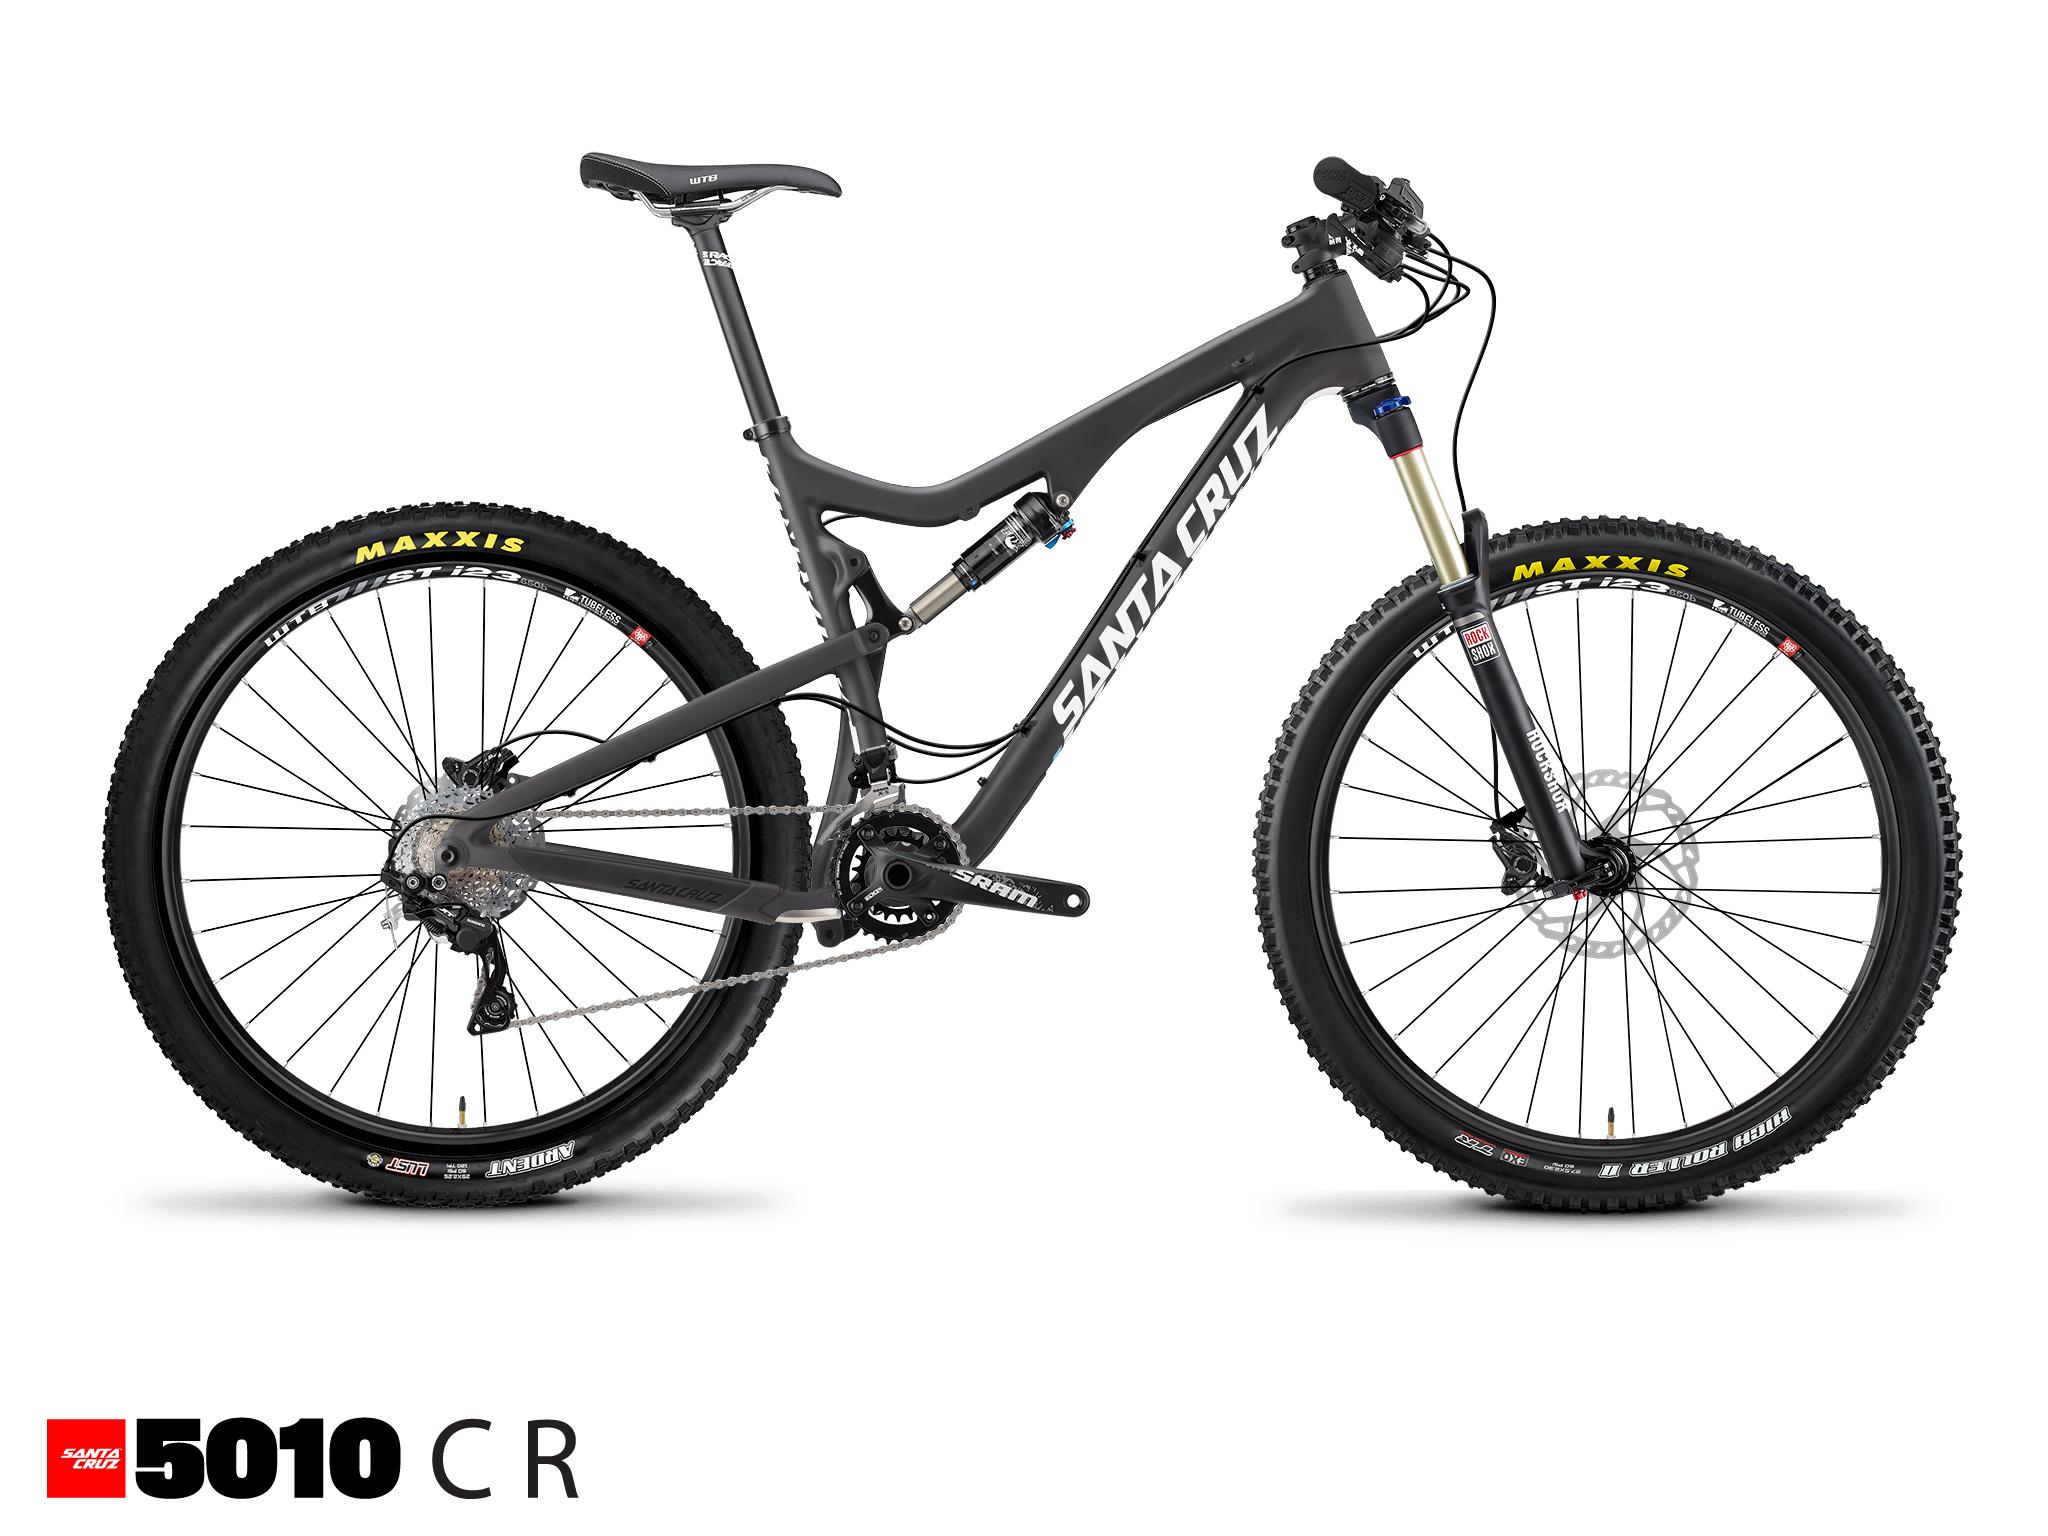 Santa-Cruz-5010-C-R